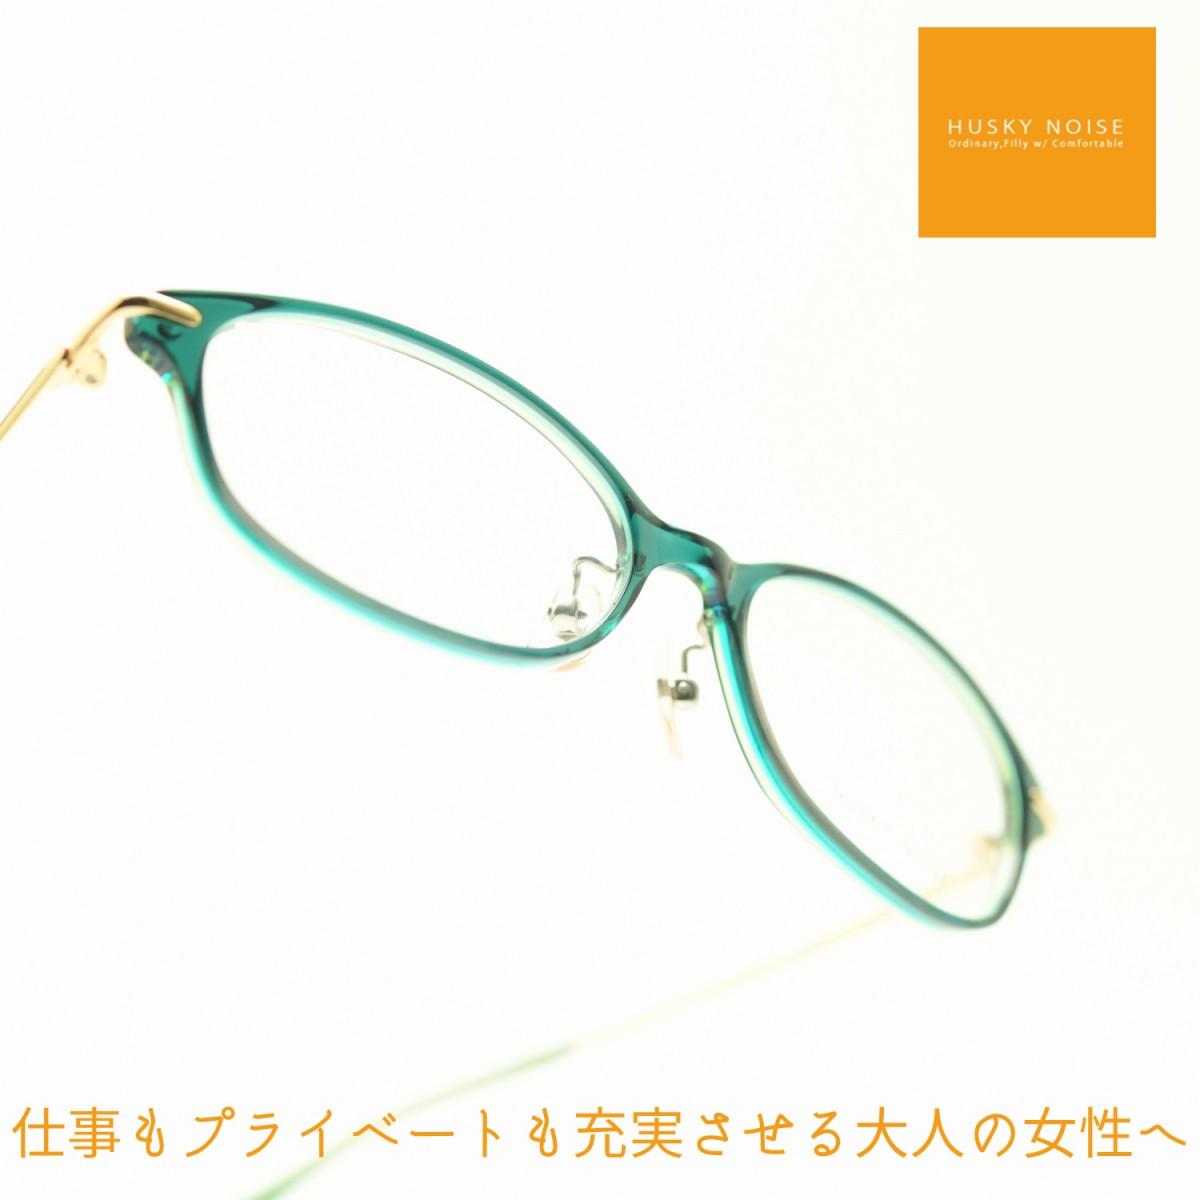 HUSKY NOISE ハスキーノイズH-167 col-6メガネ 眼鏡 めがね メンズ レディース おしゃれ ブランド 人気 おすすめ フレーム 流行り 度付き レンズ